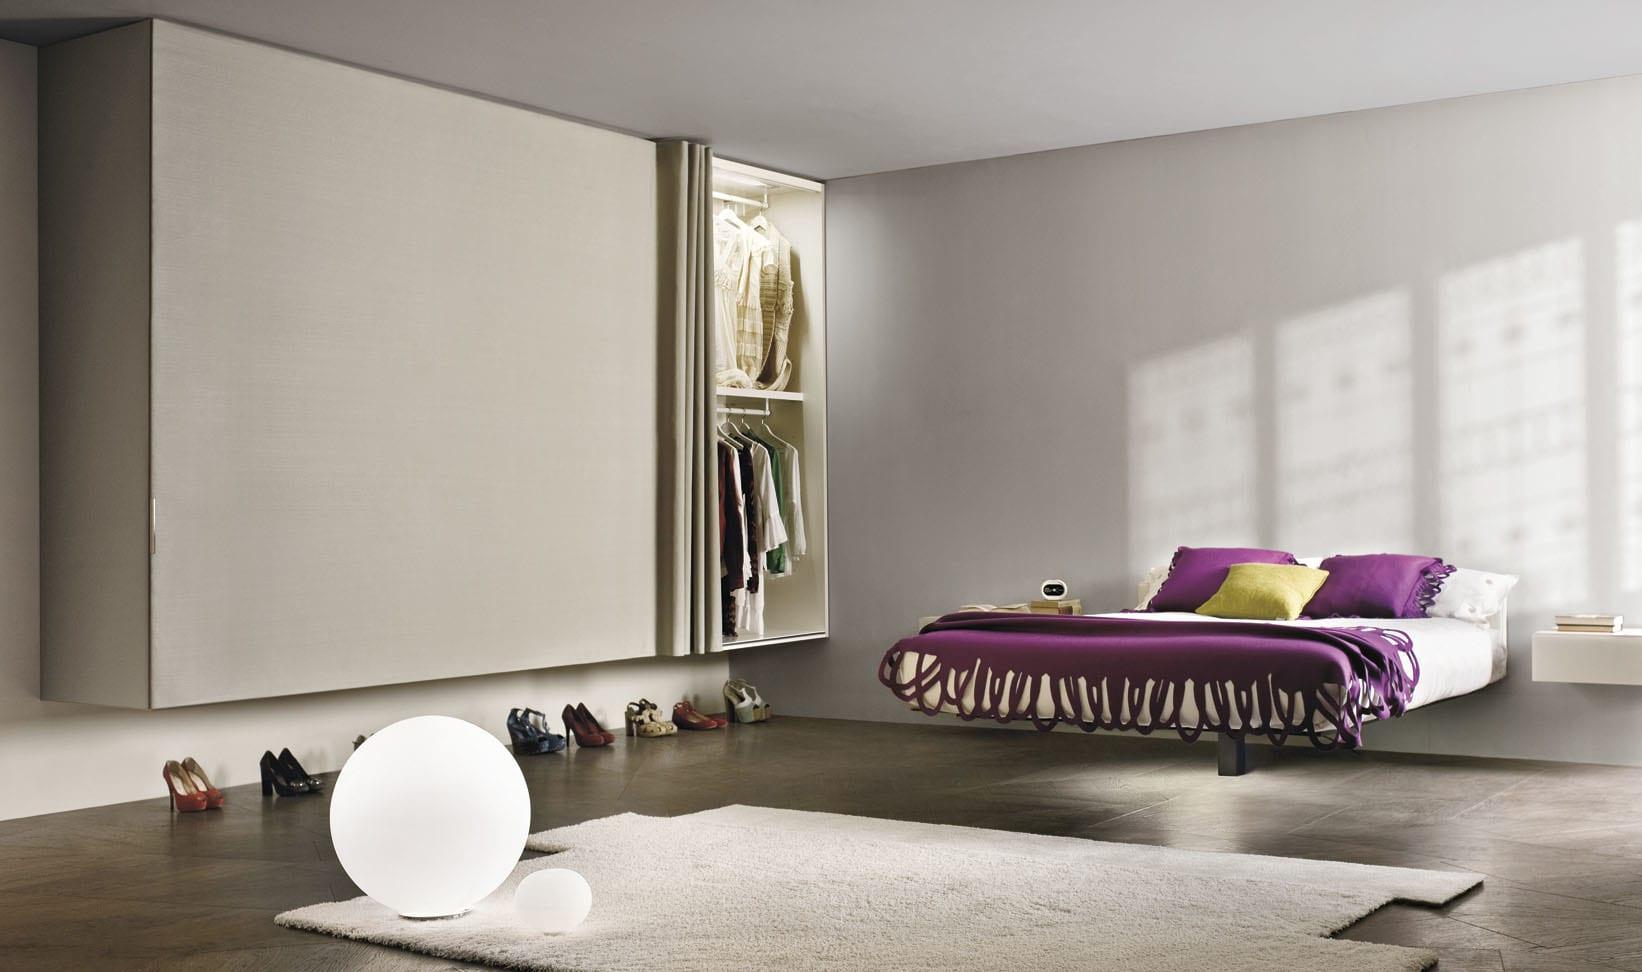 minimalistische schlafzimmer interieur in weiß mit modernem Wandschrank und schwebendes Bett mit bettdecke lila